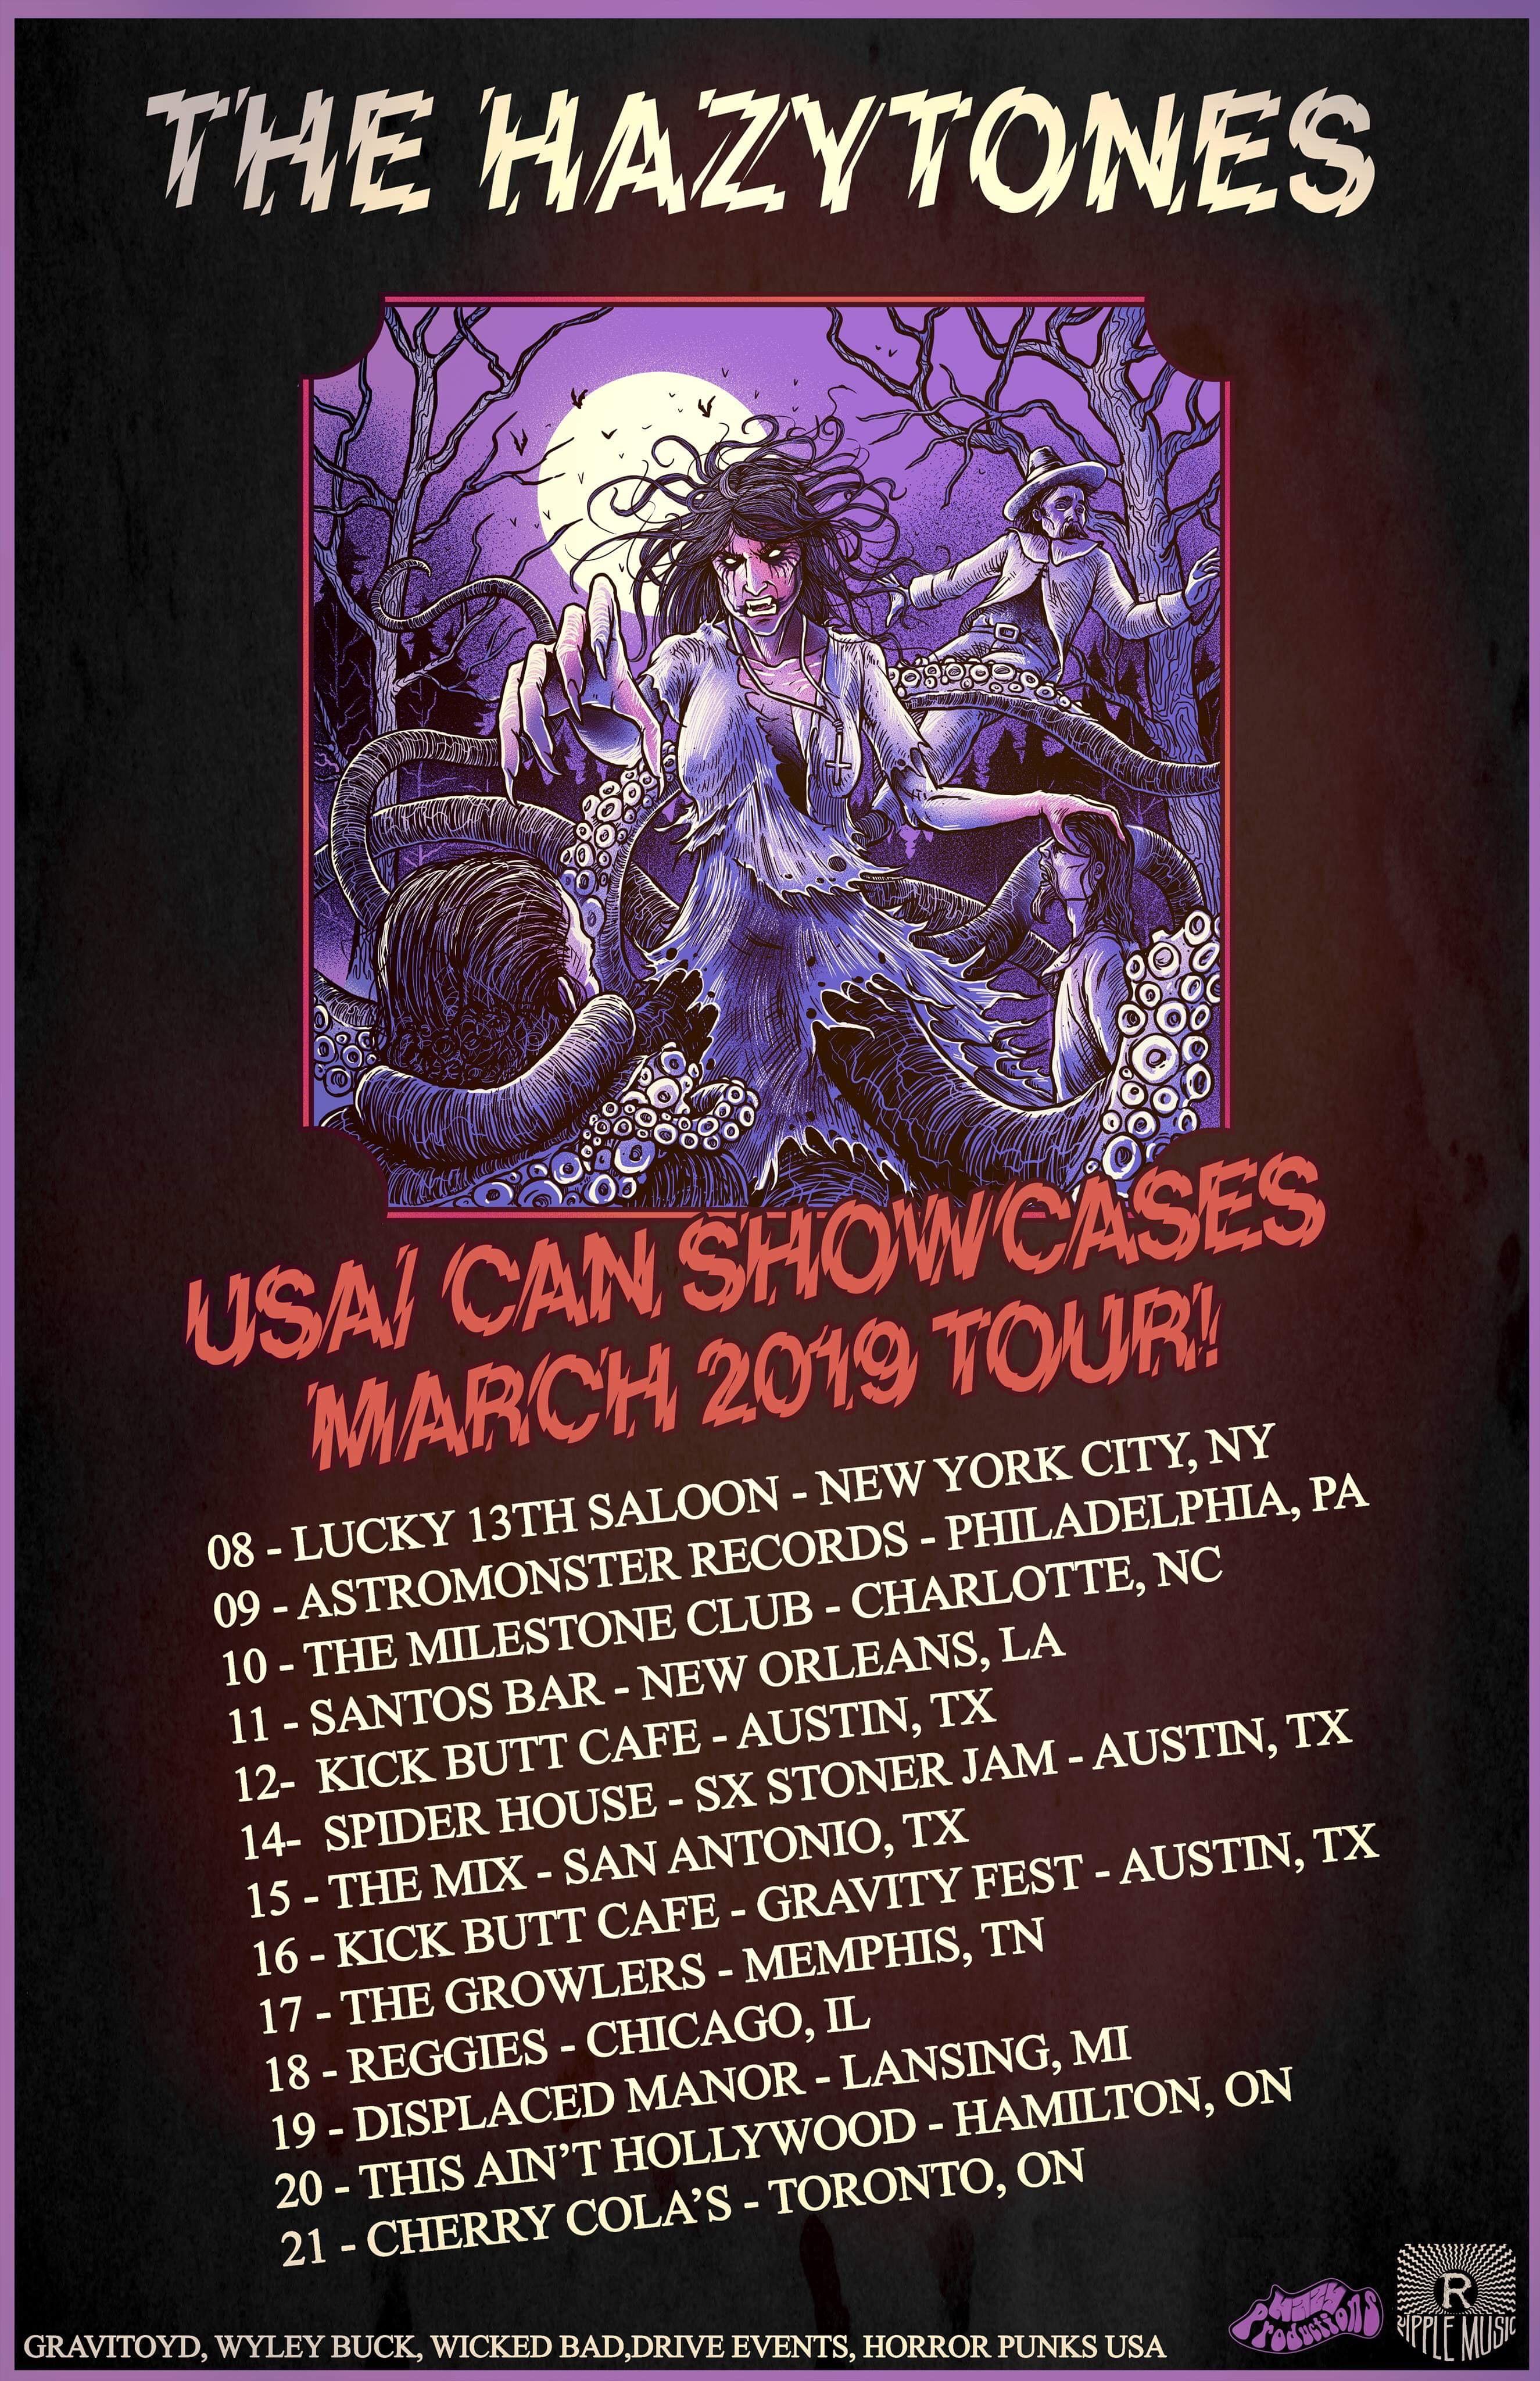 the hazytones tour poster